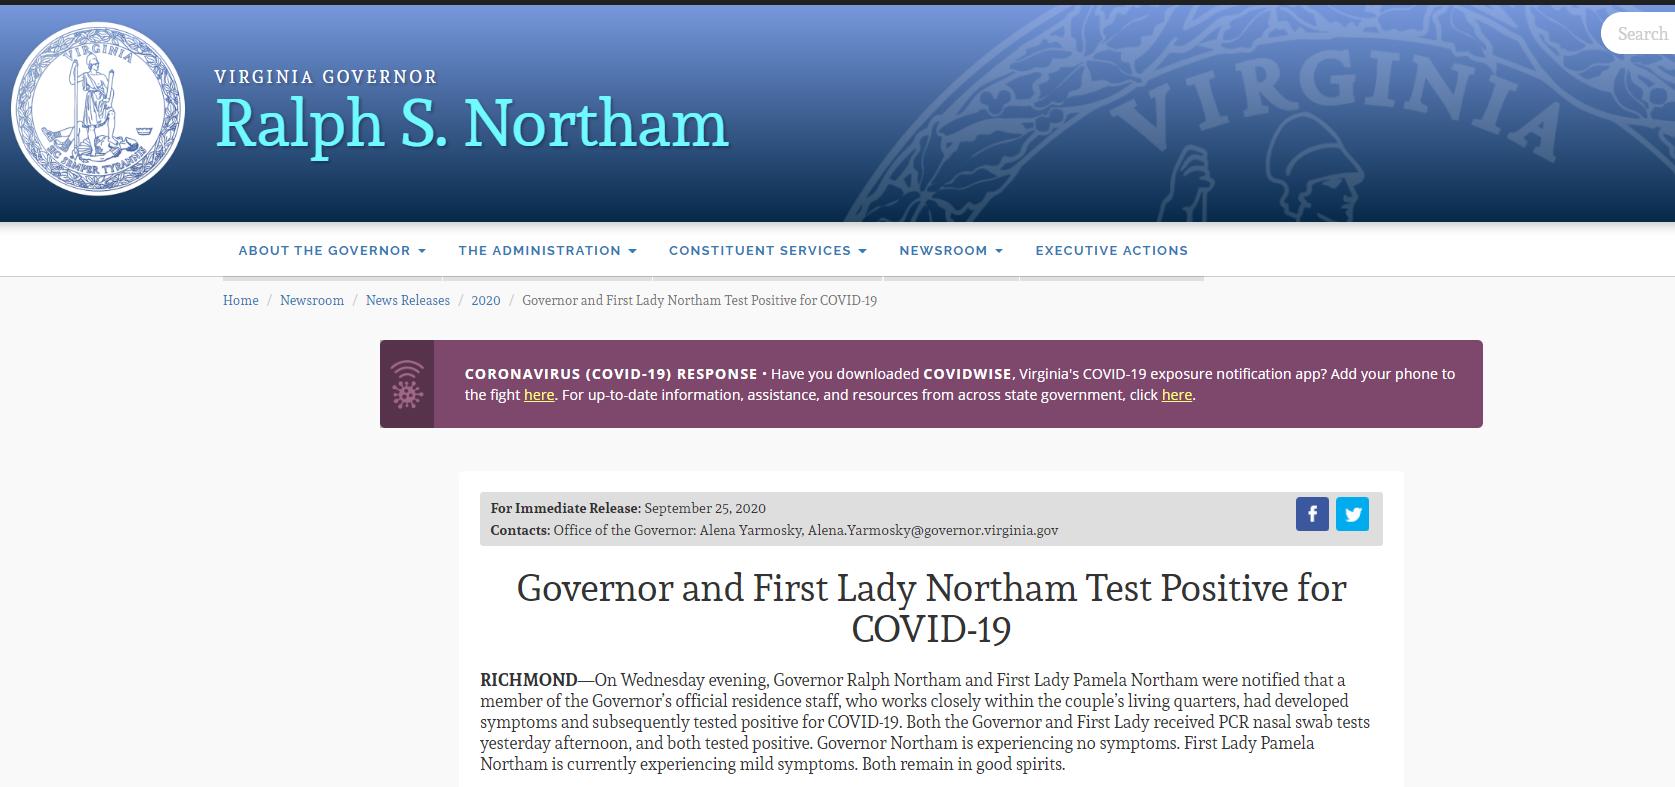 【幽月儿】_美国弗吉尼亚州长及其夫人感染新冠病毒